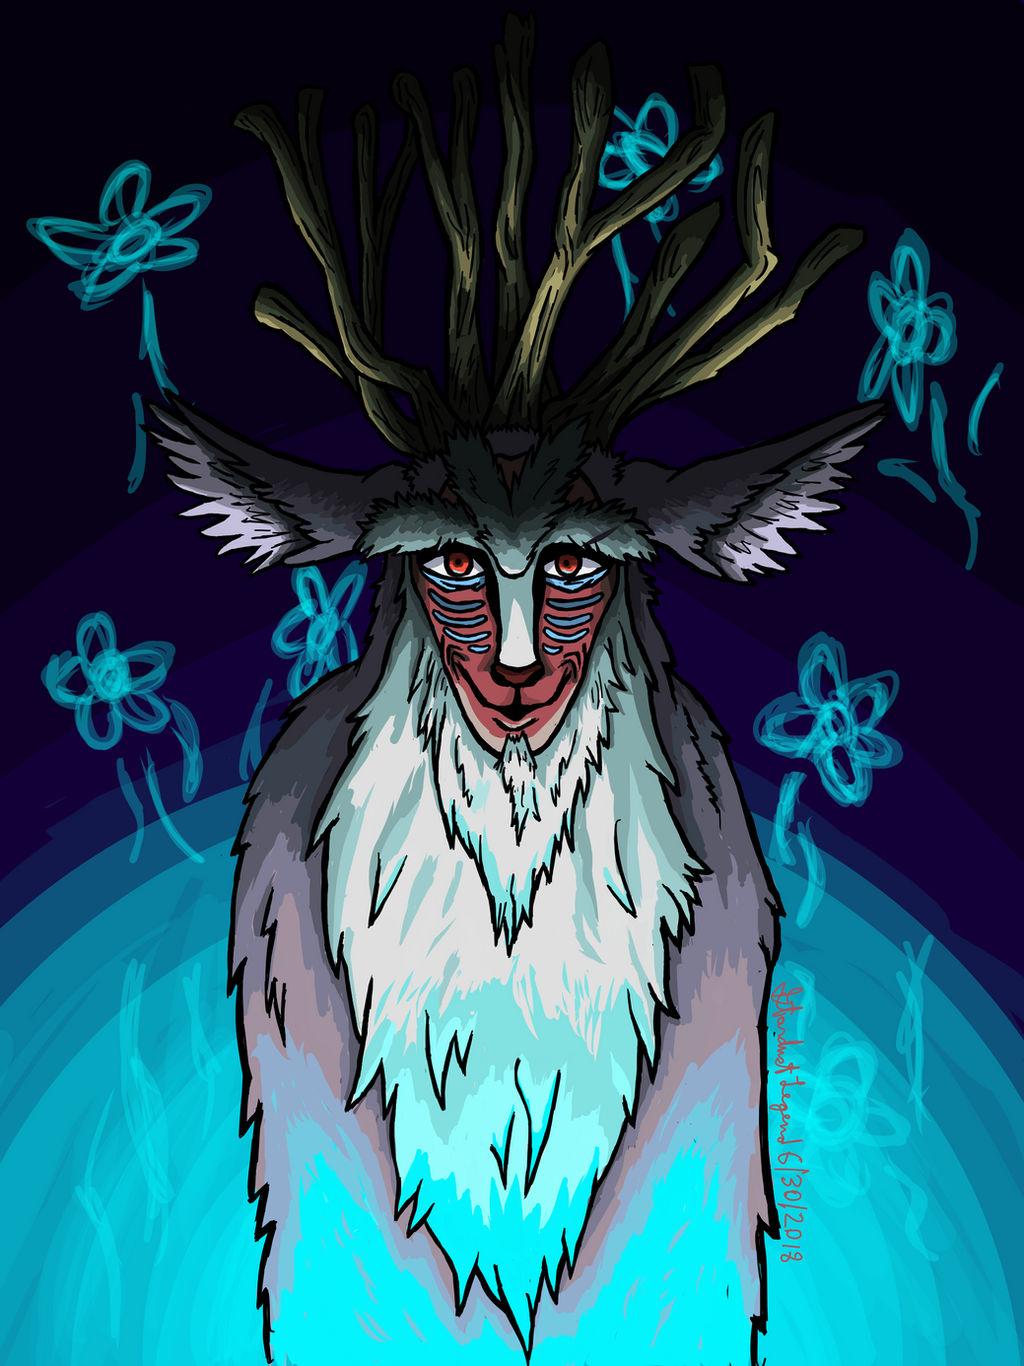 The Forest Spirit Princess Mononoke Fanart By Stardust Legend On